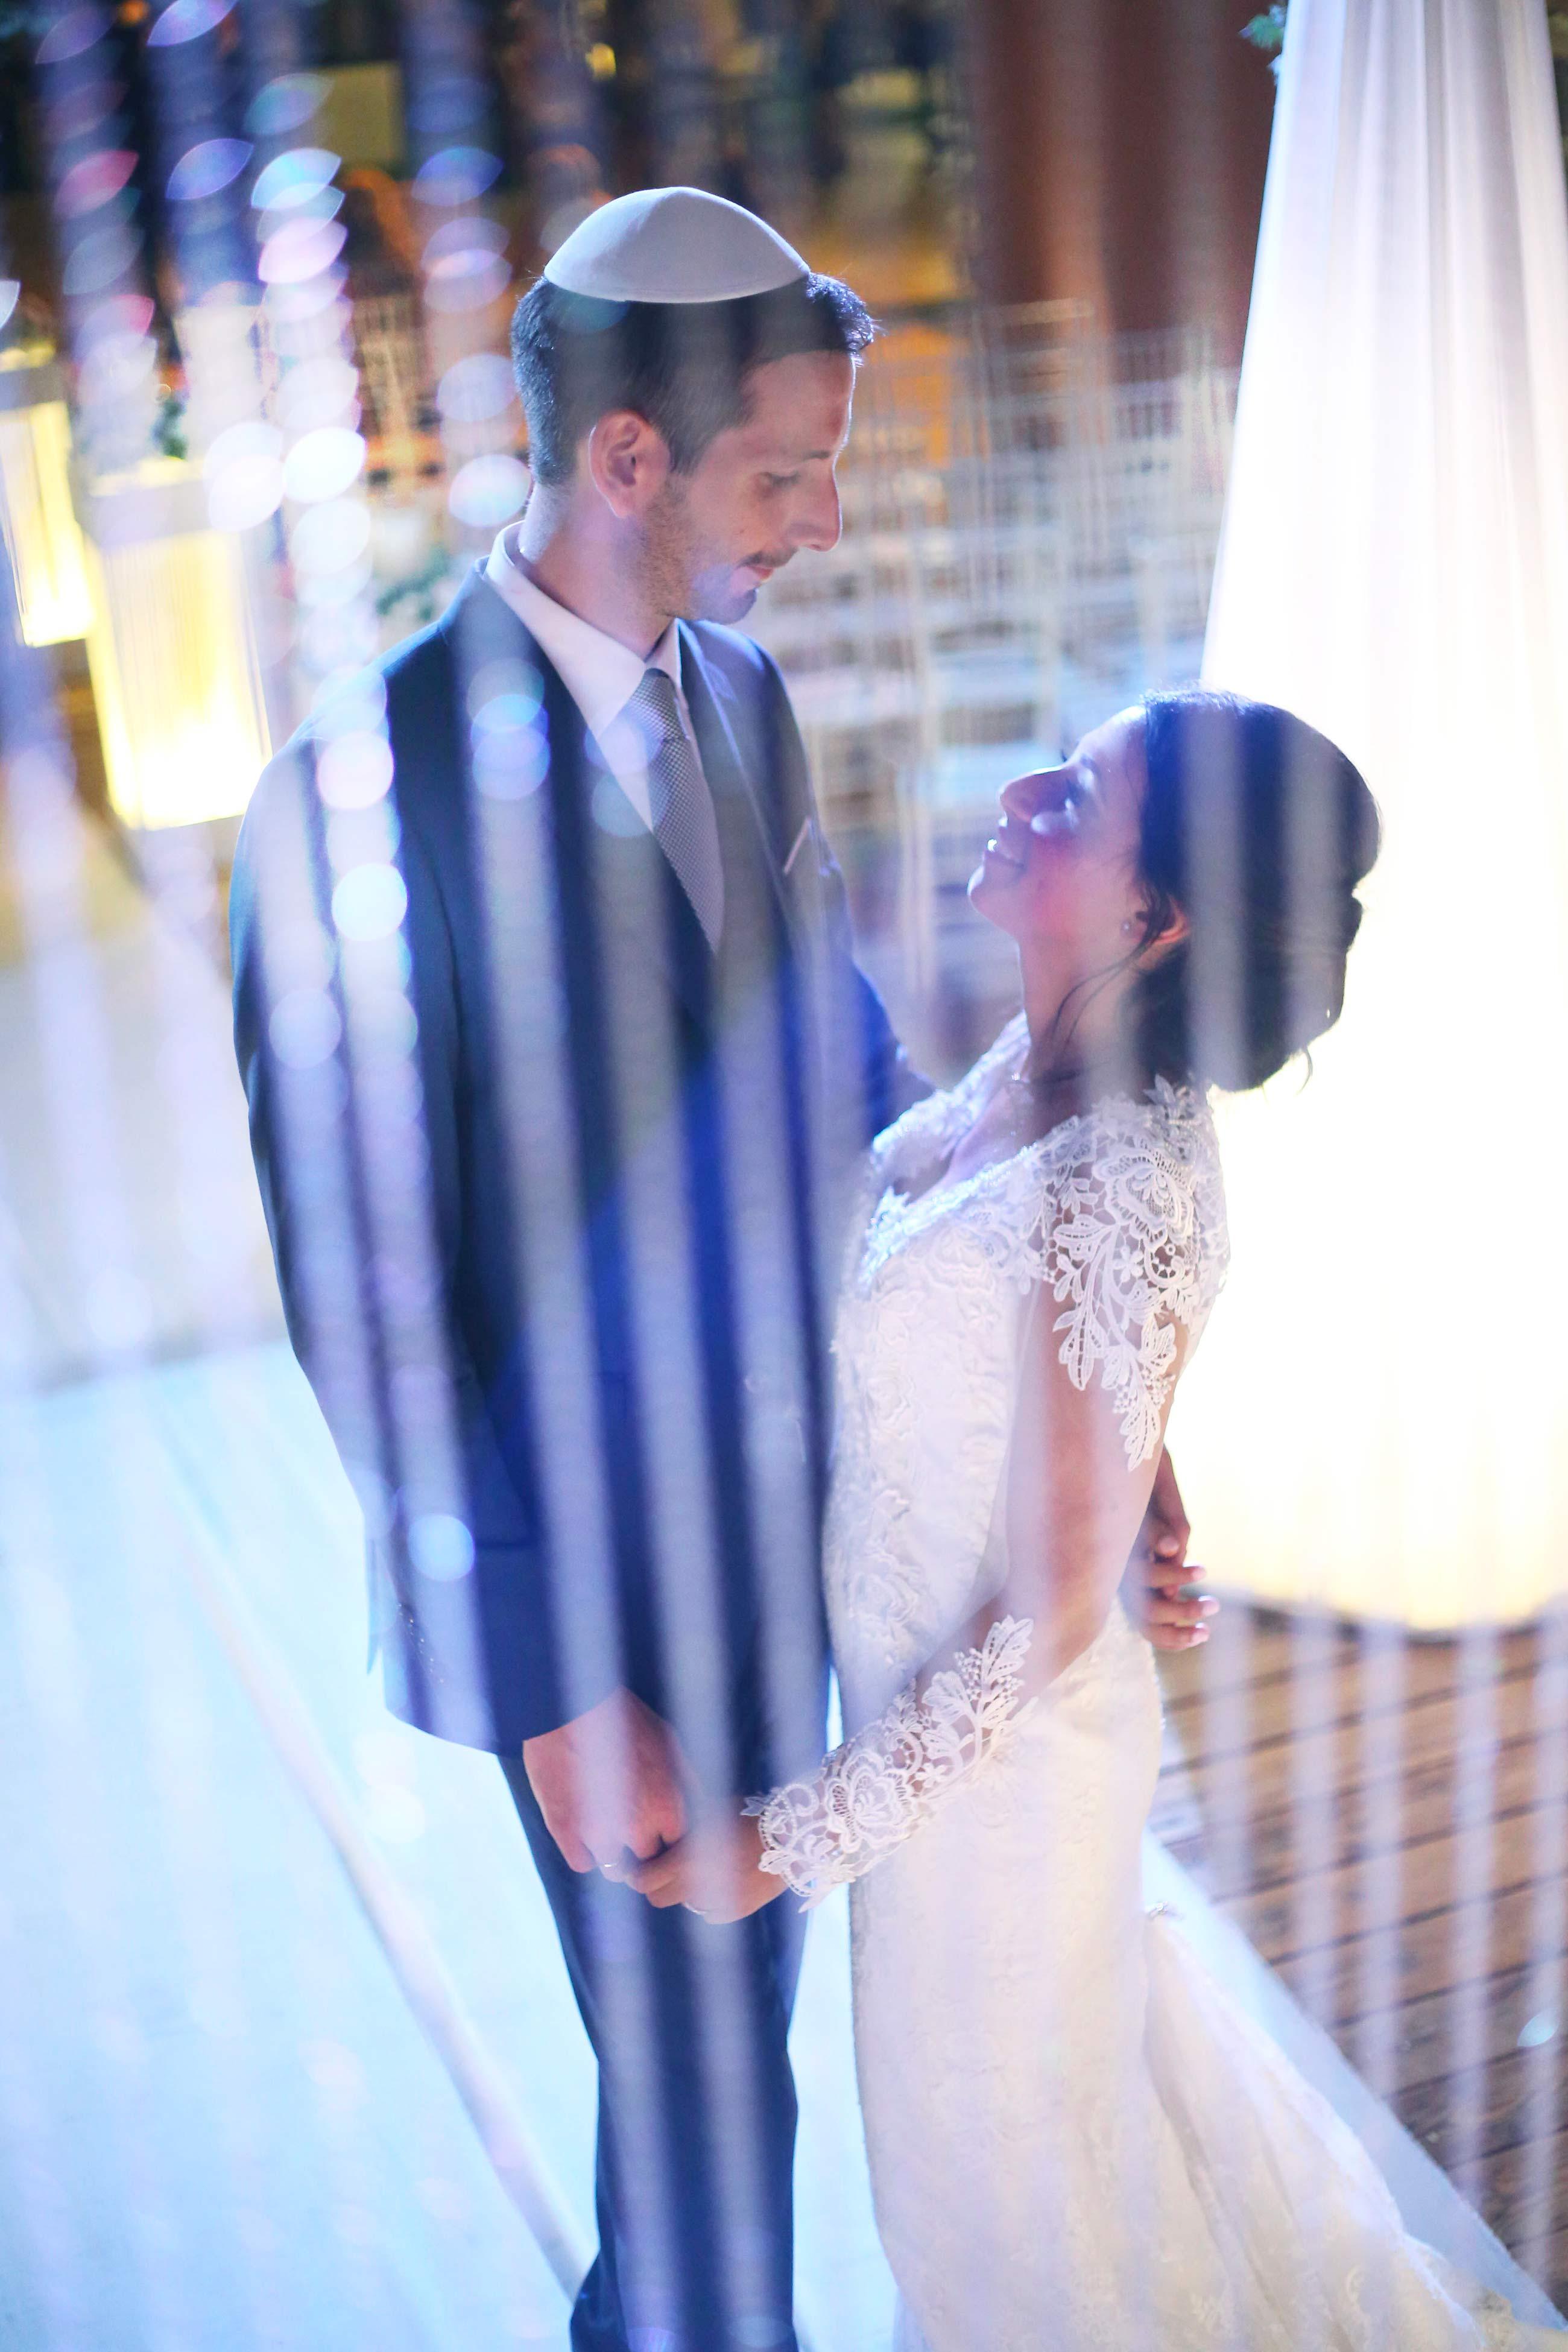 lea-jeremie-mariage-tel-aviv-israel-photographe-paris-video53